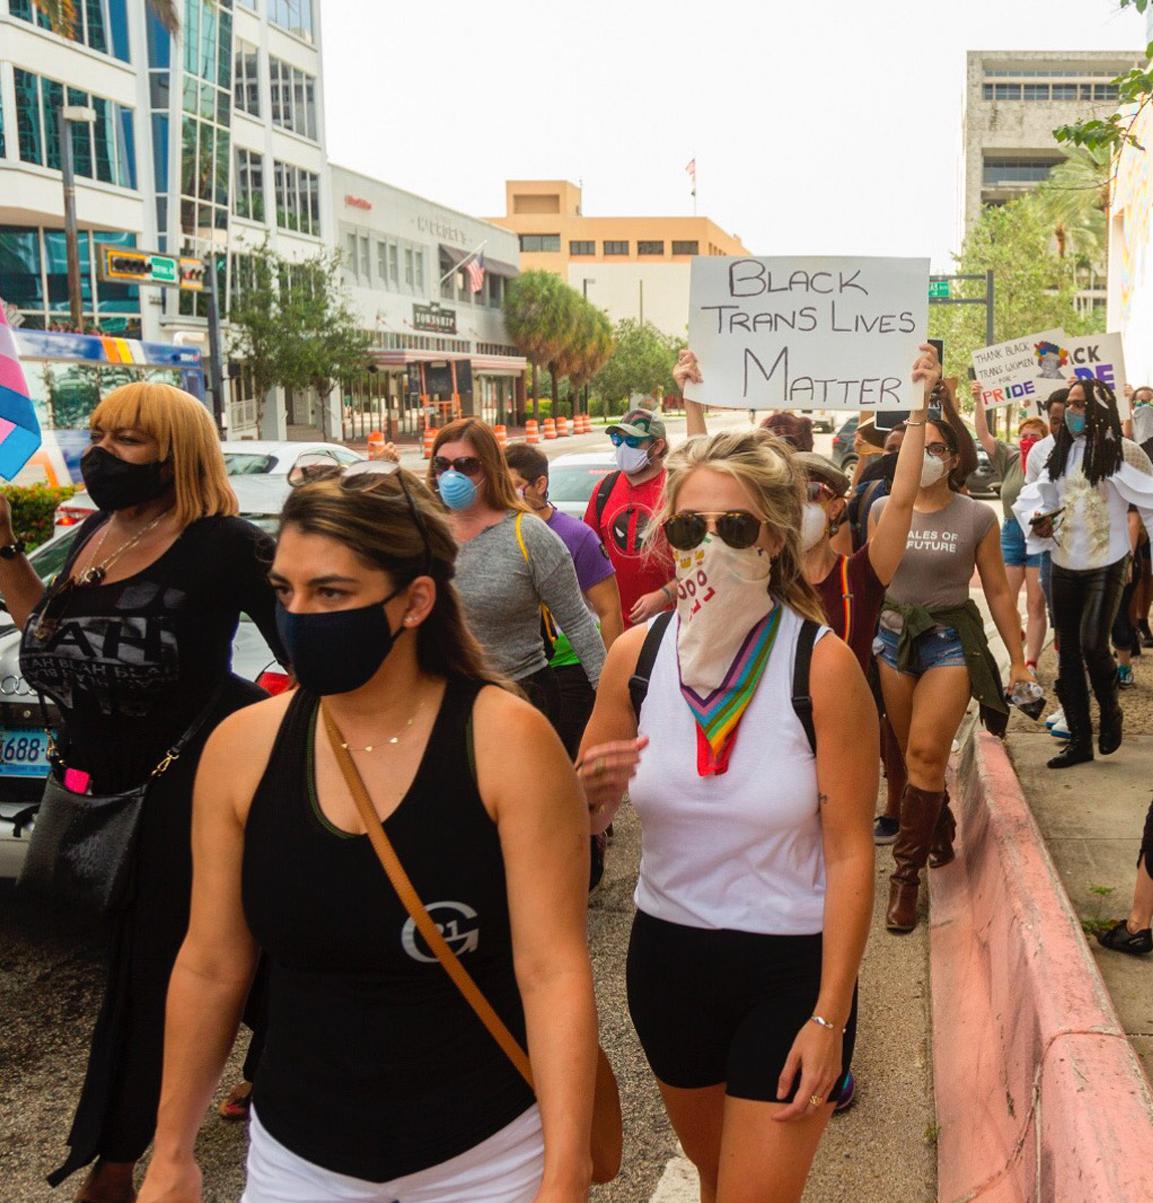 Trans lives matter protest